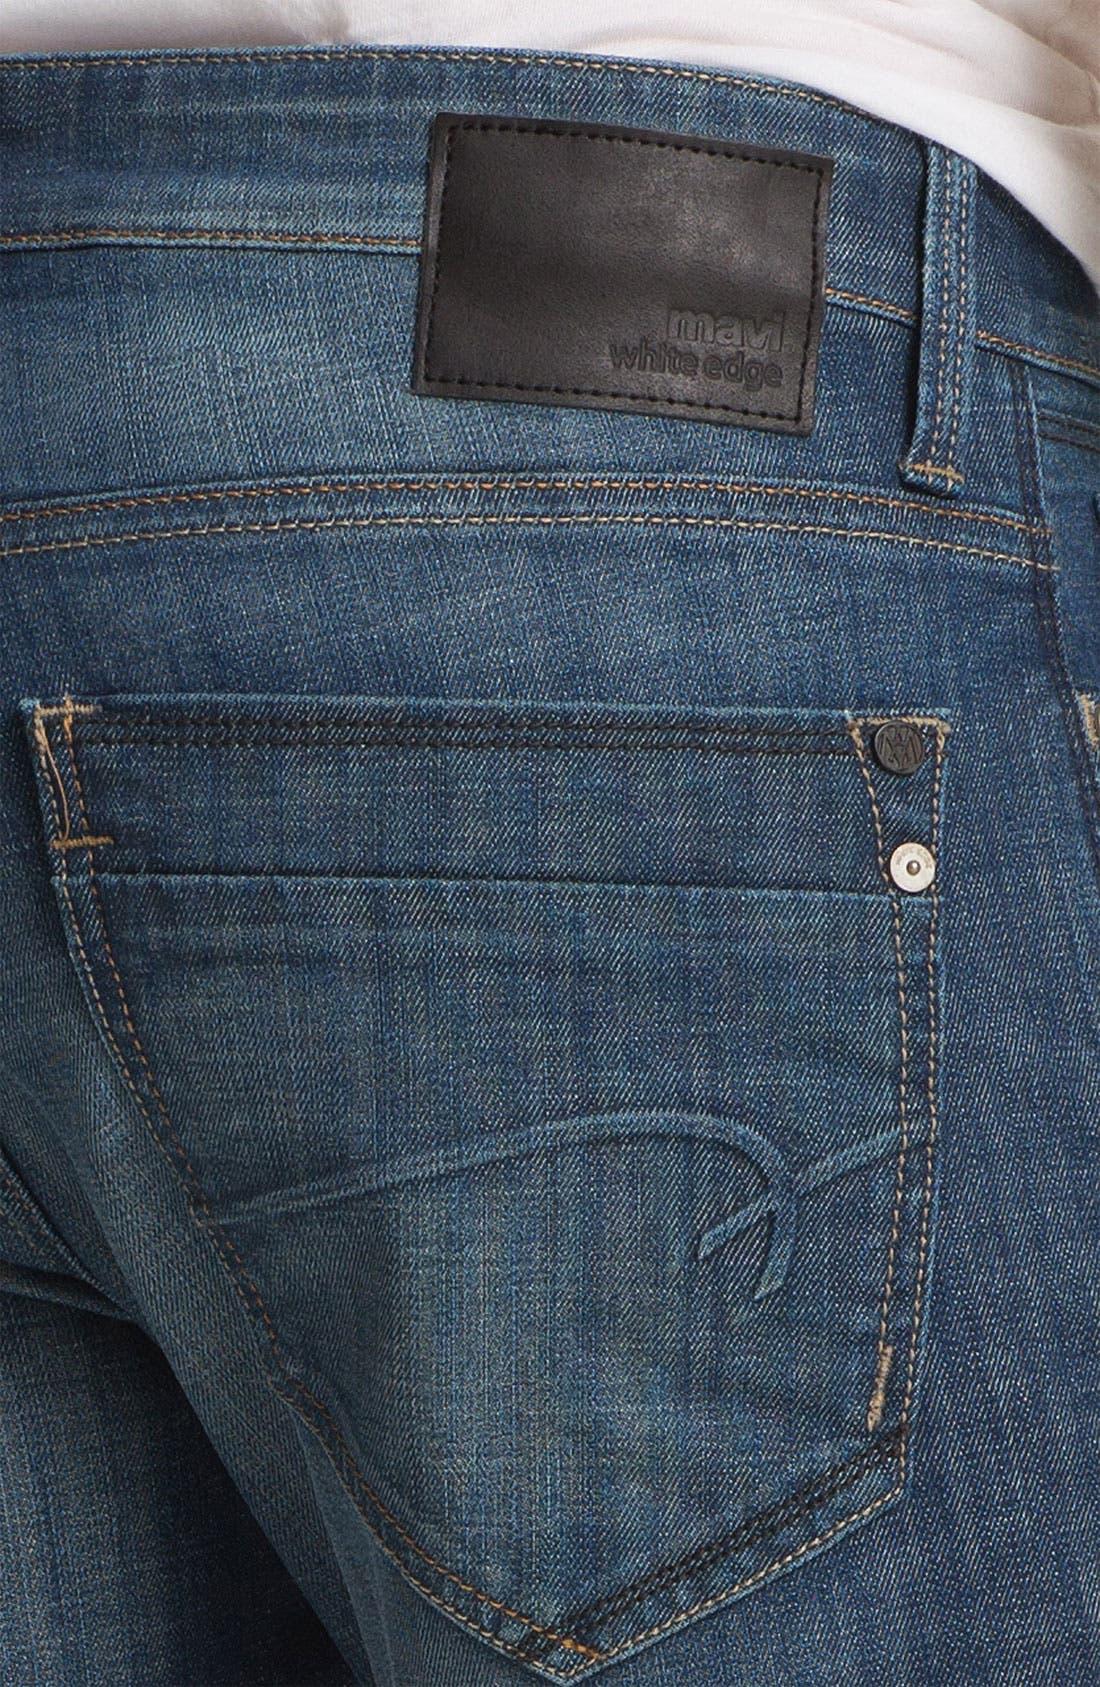 Alternate Image 4  - Mavi Jeans 'Zach' Straight Leg Jeans (Mid White Edge)